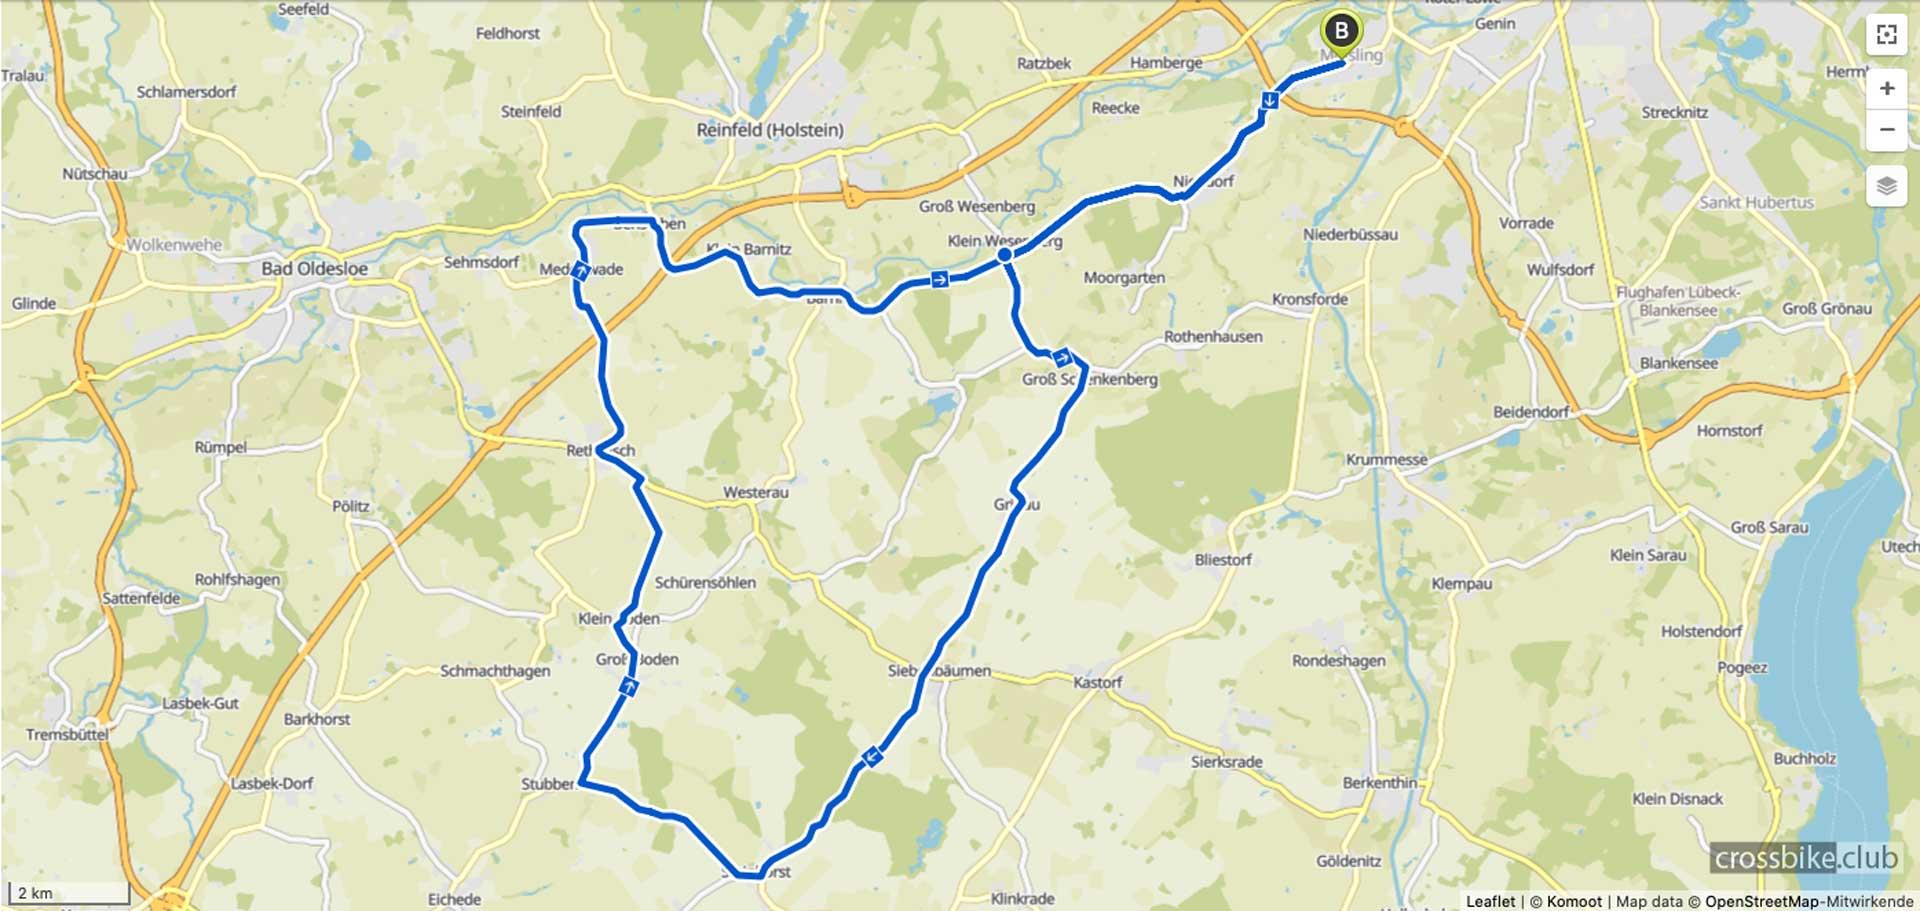 Landkarte Fahrradtour von Lübeck nach Steinhorst 50k